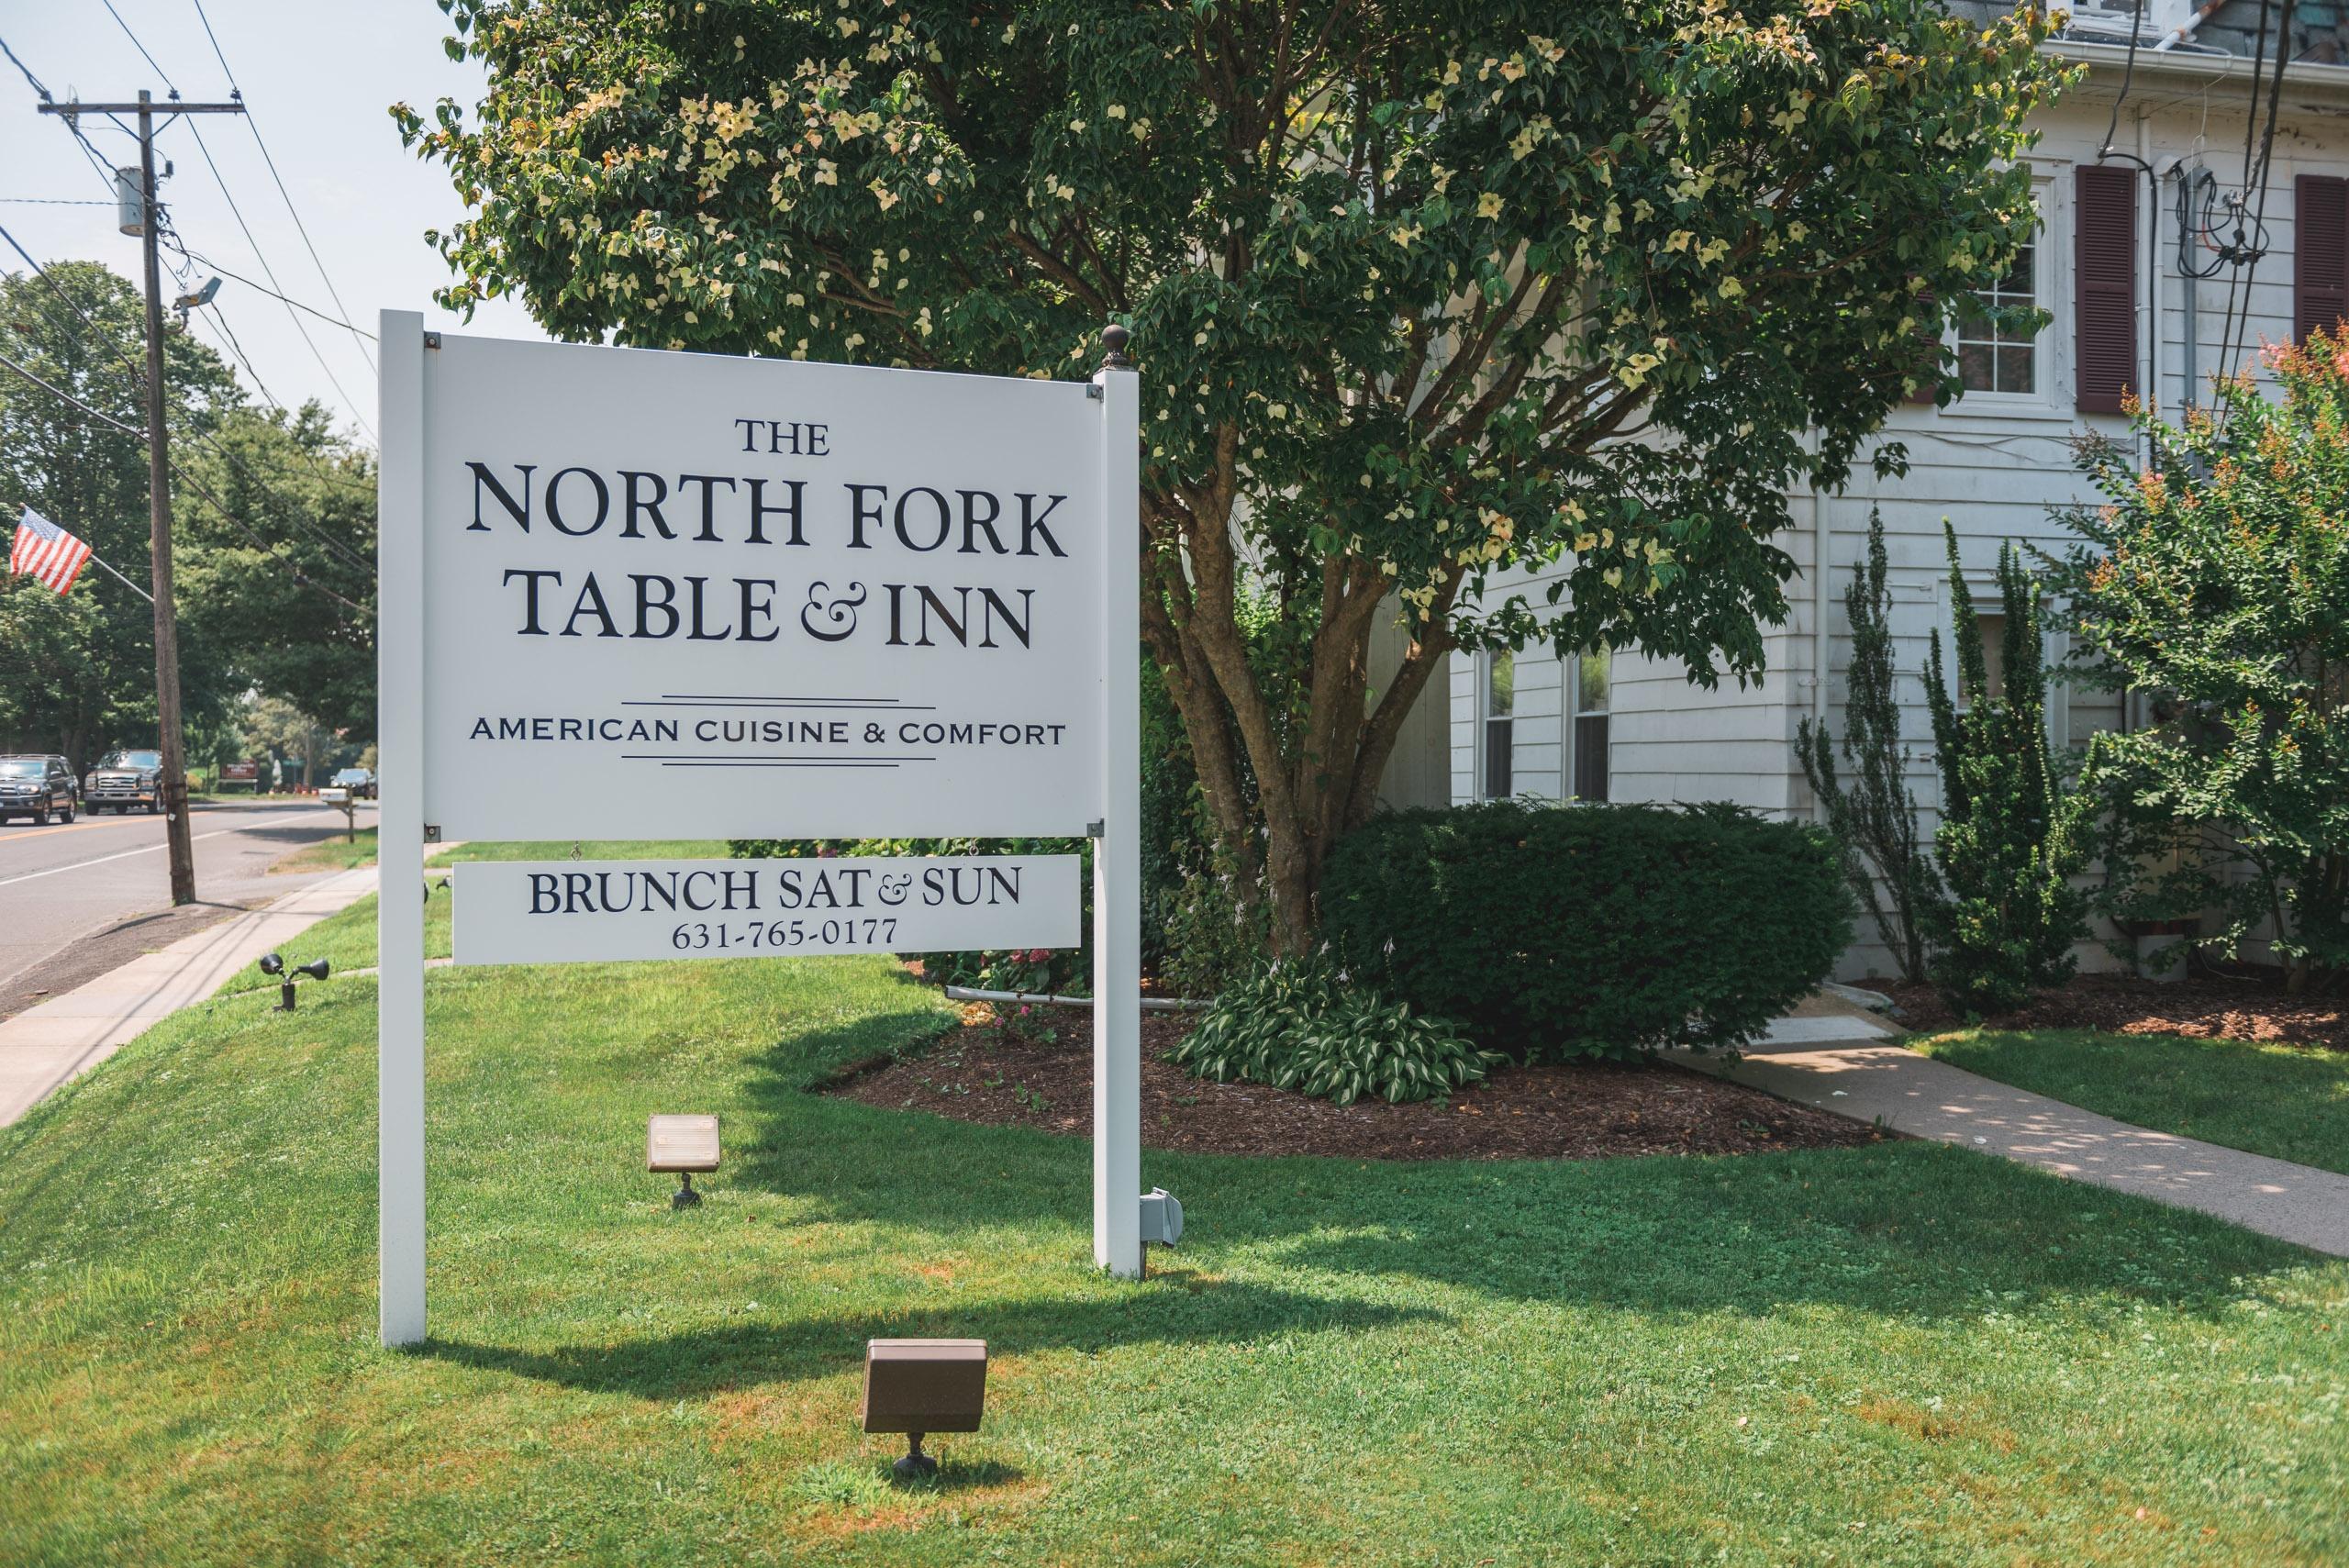 The North Fork Table & Inn